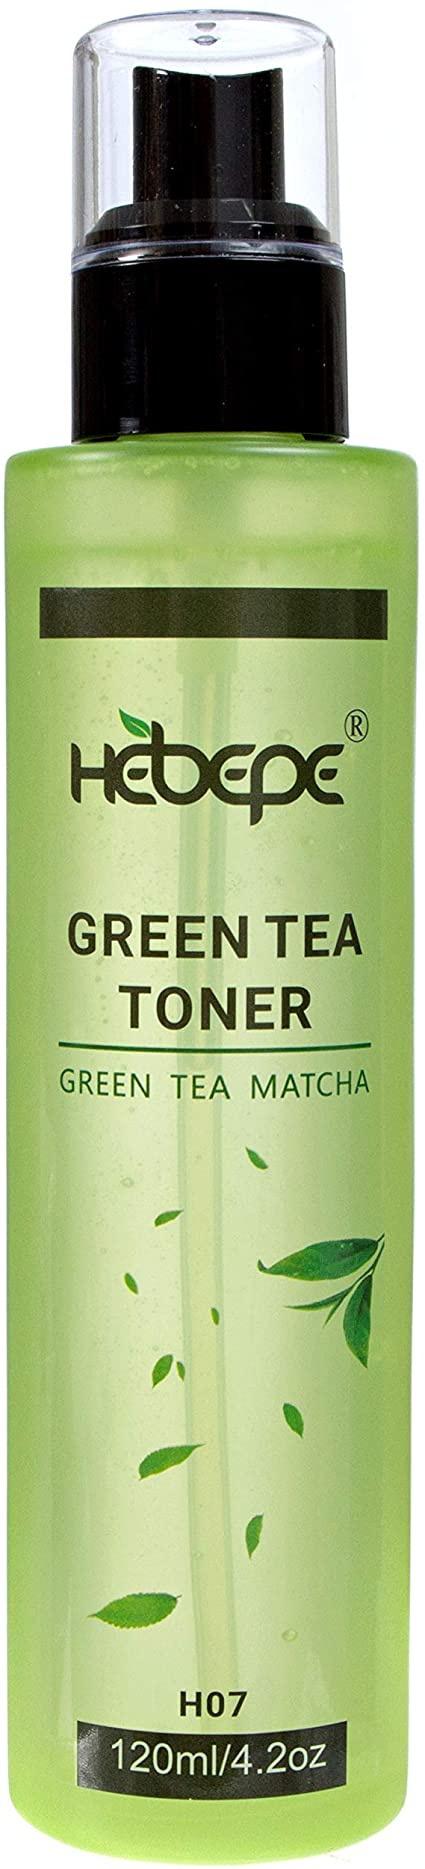 Hebepe Green Tea Matcha Facial Toner